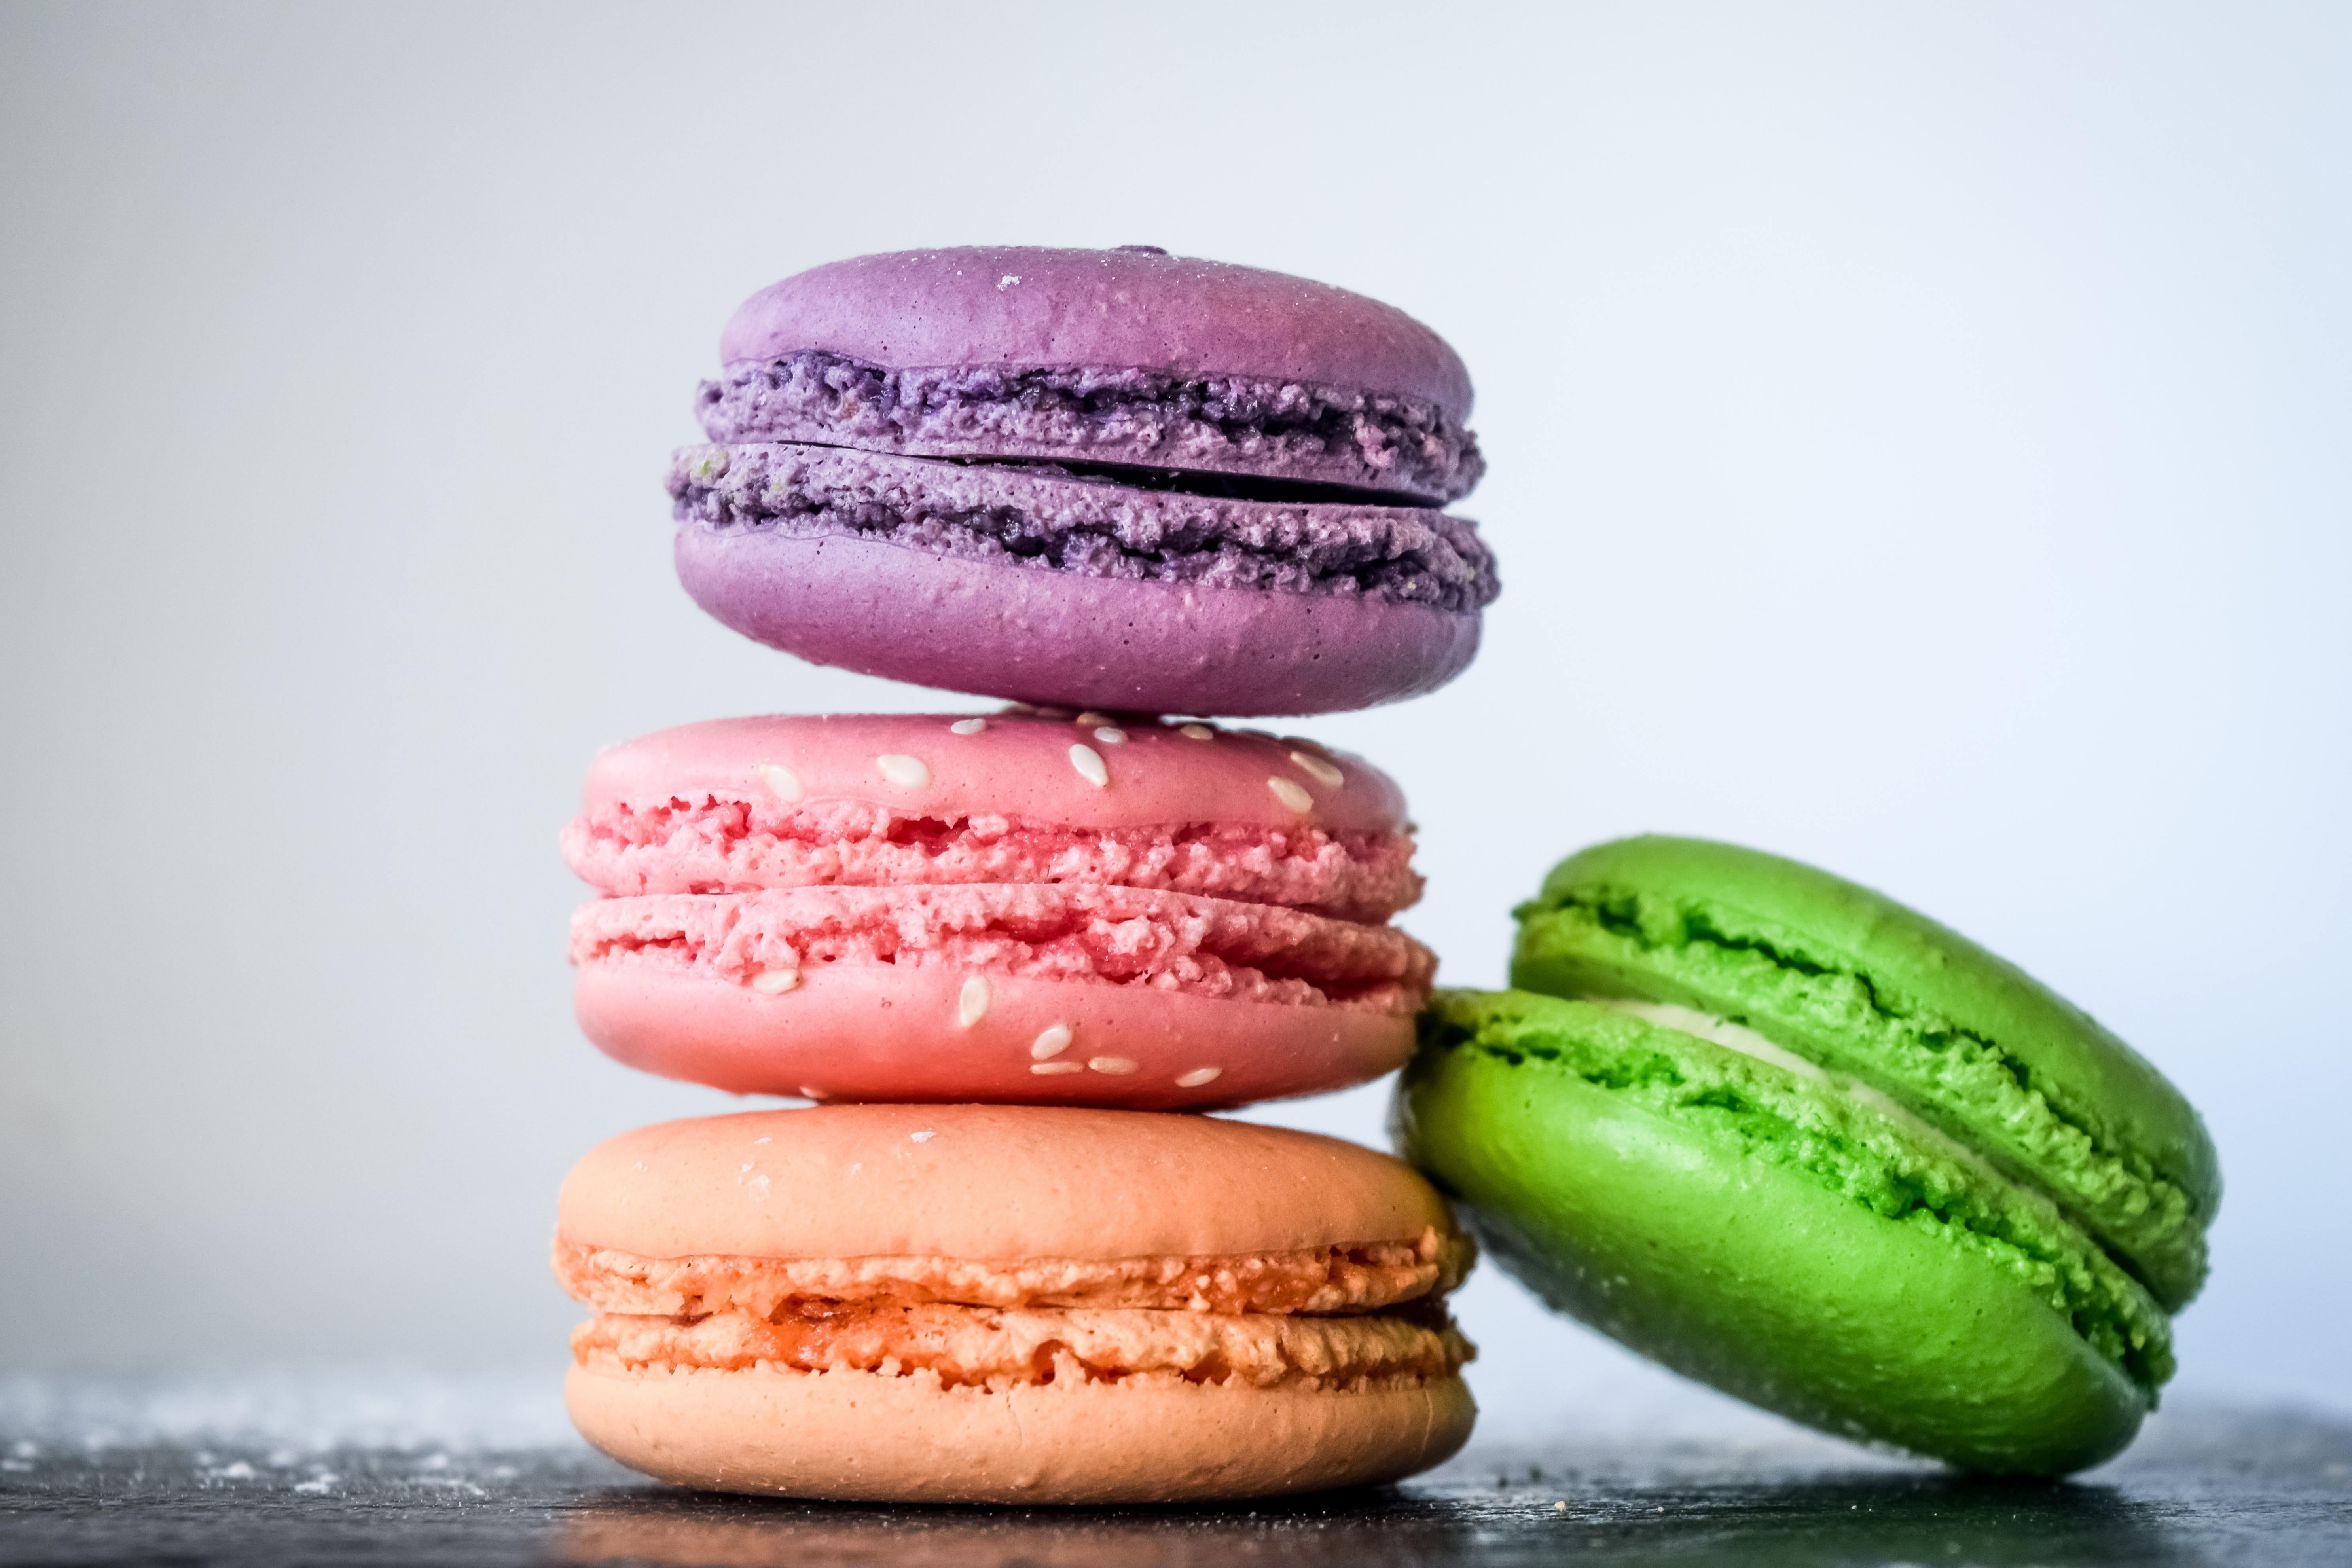 Обои Пища Макарон Макро Четыре 4 Печенье вблизи Еда Продукты питания Макросъёмка Крупным планом